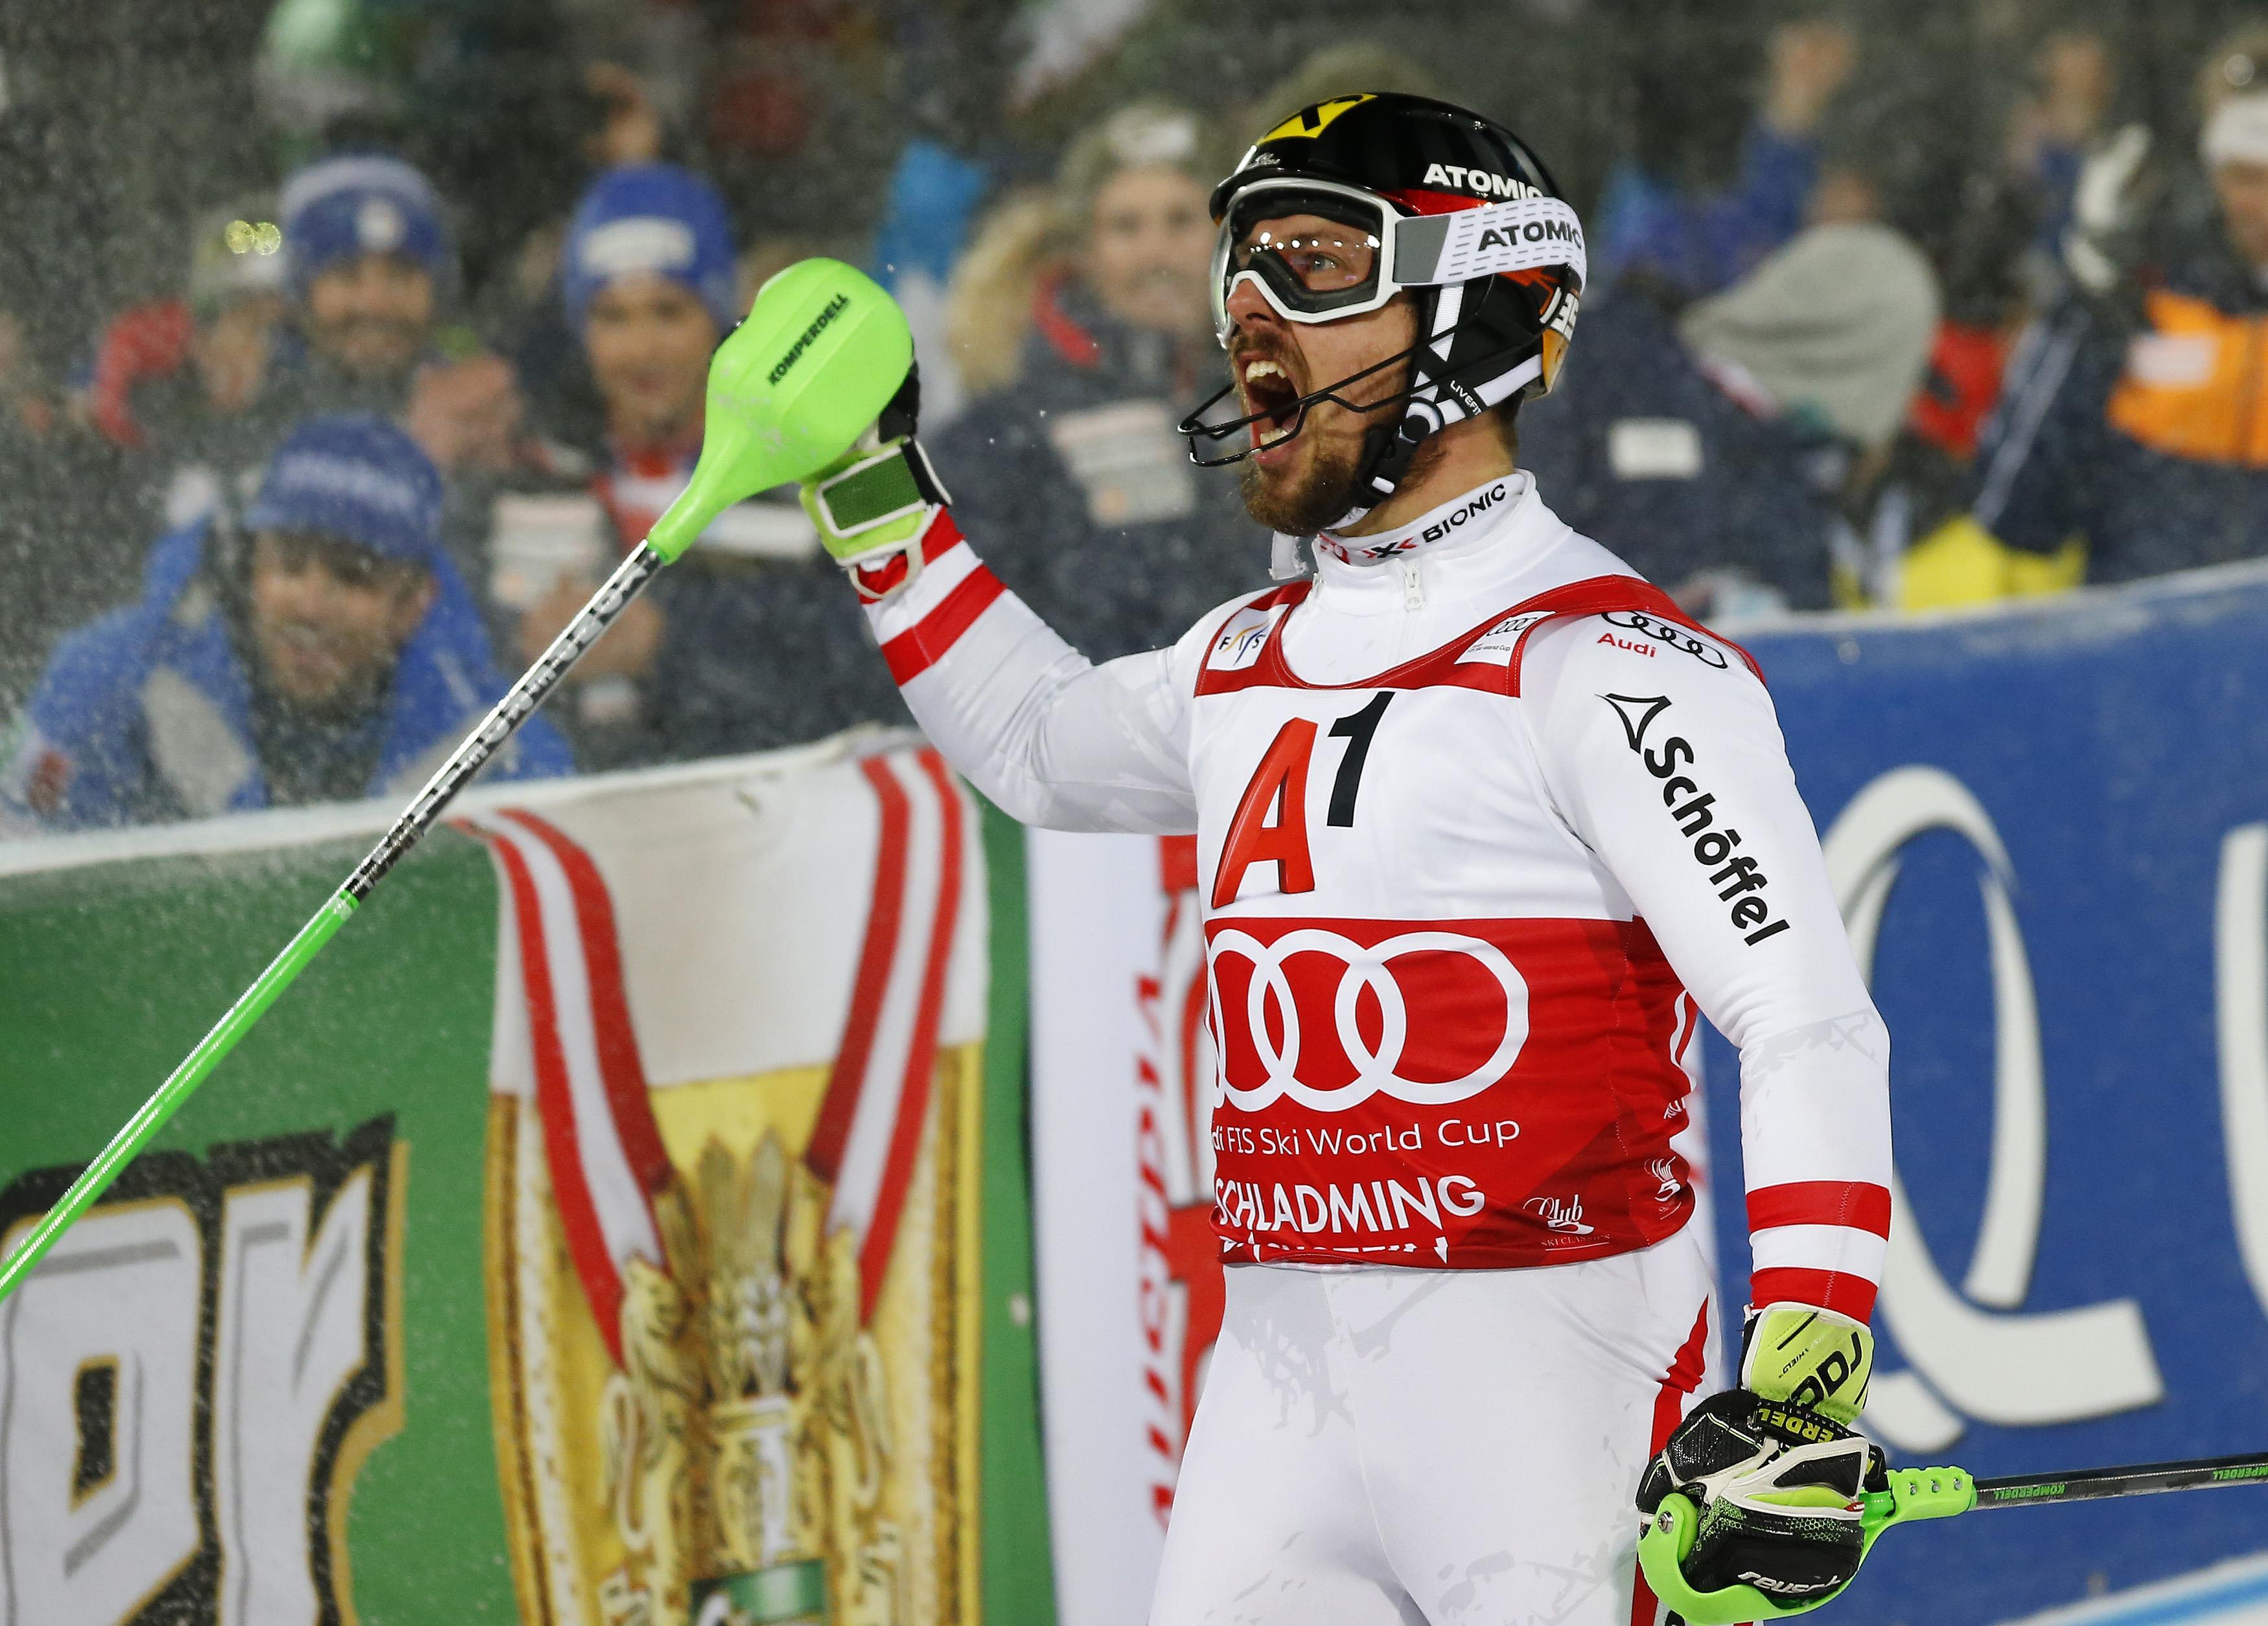 Sports d'hiver - Schladming : Impérial, Marcel Hirscher égale Hermann Maier